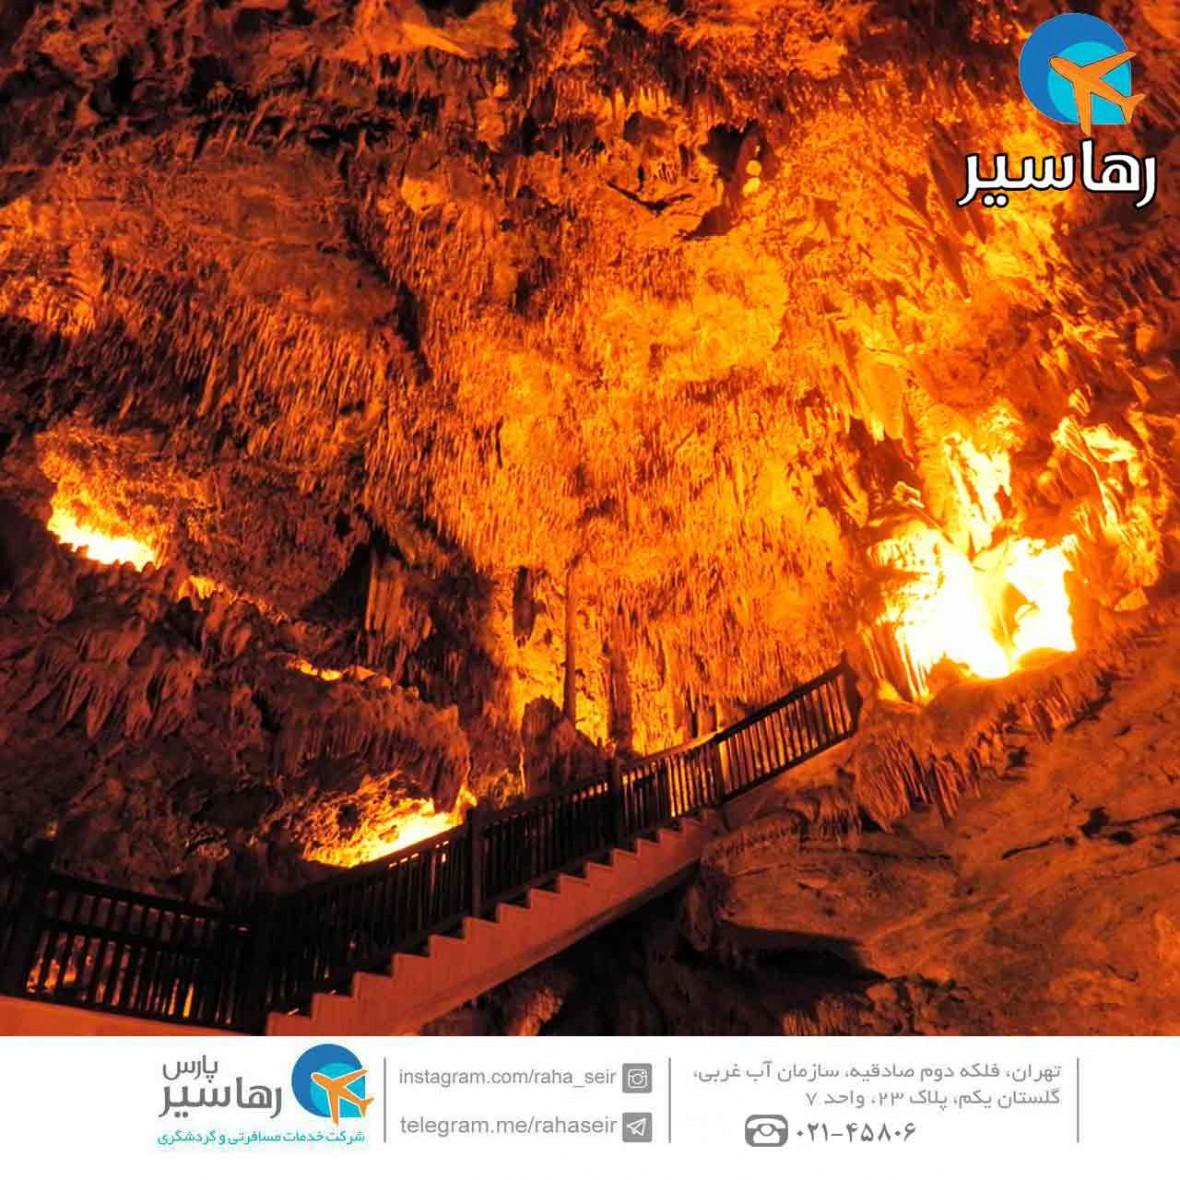 غار داملاتاش   Damlatas caves   آلانیا